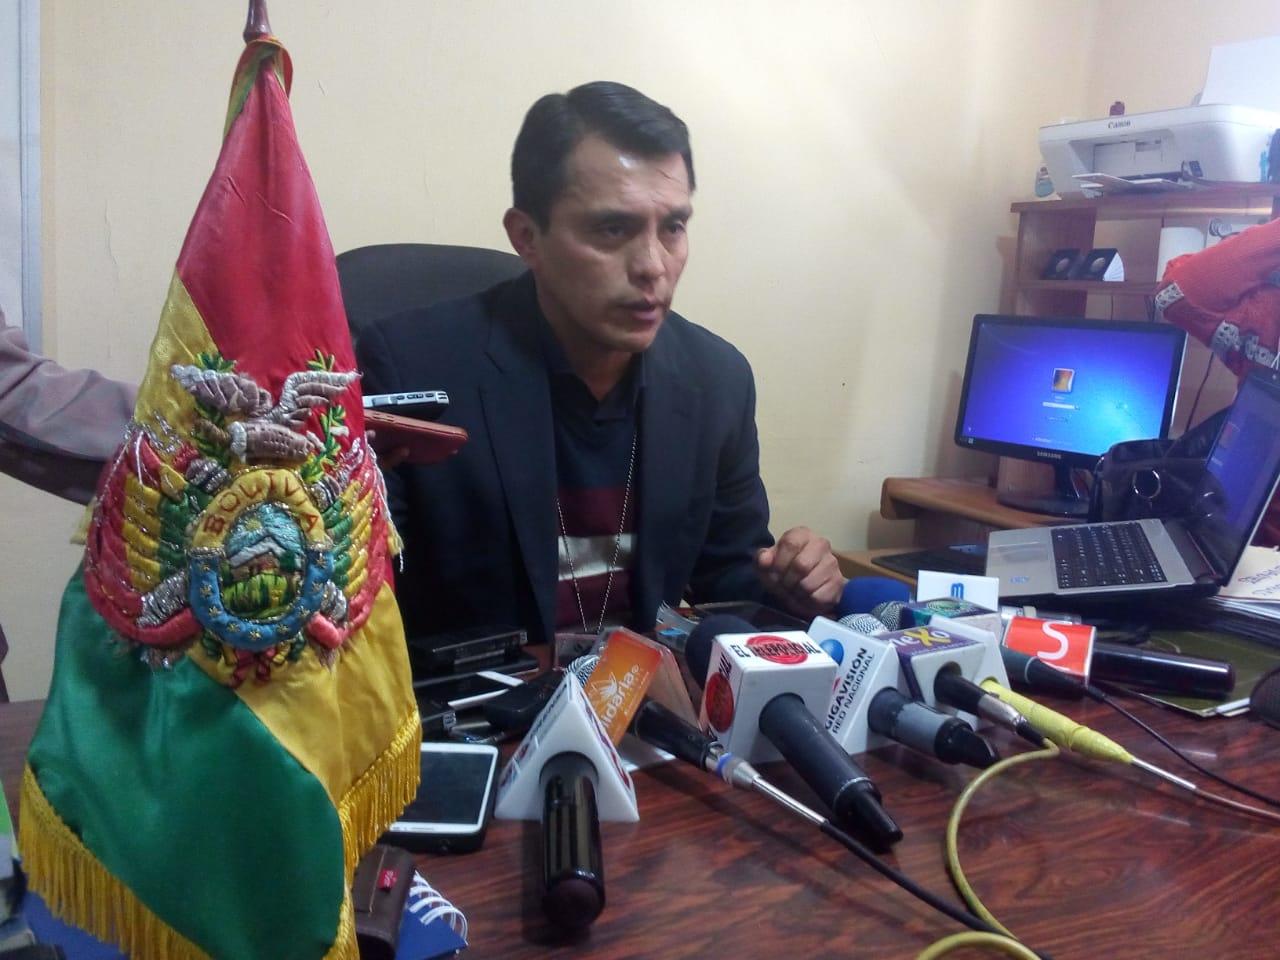 Falso yatiri fue detenido por tentativa de robo y amenaza